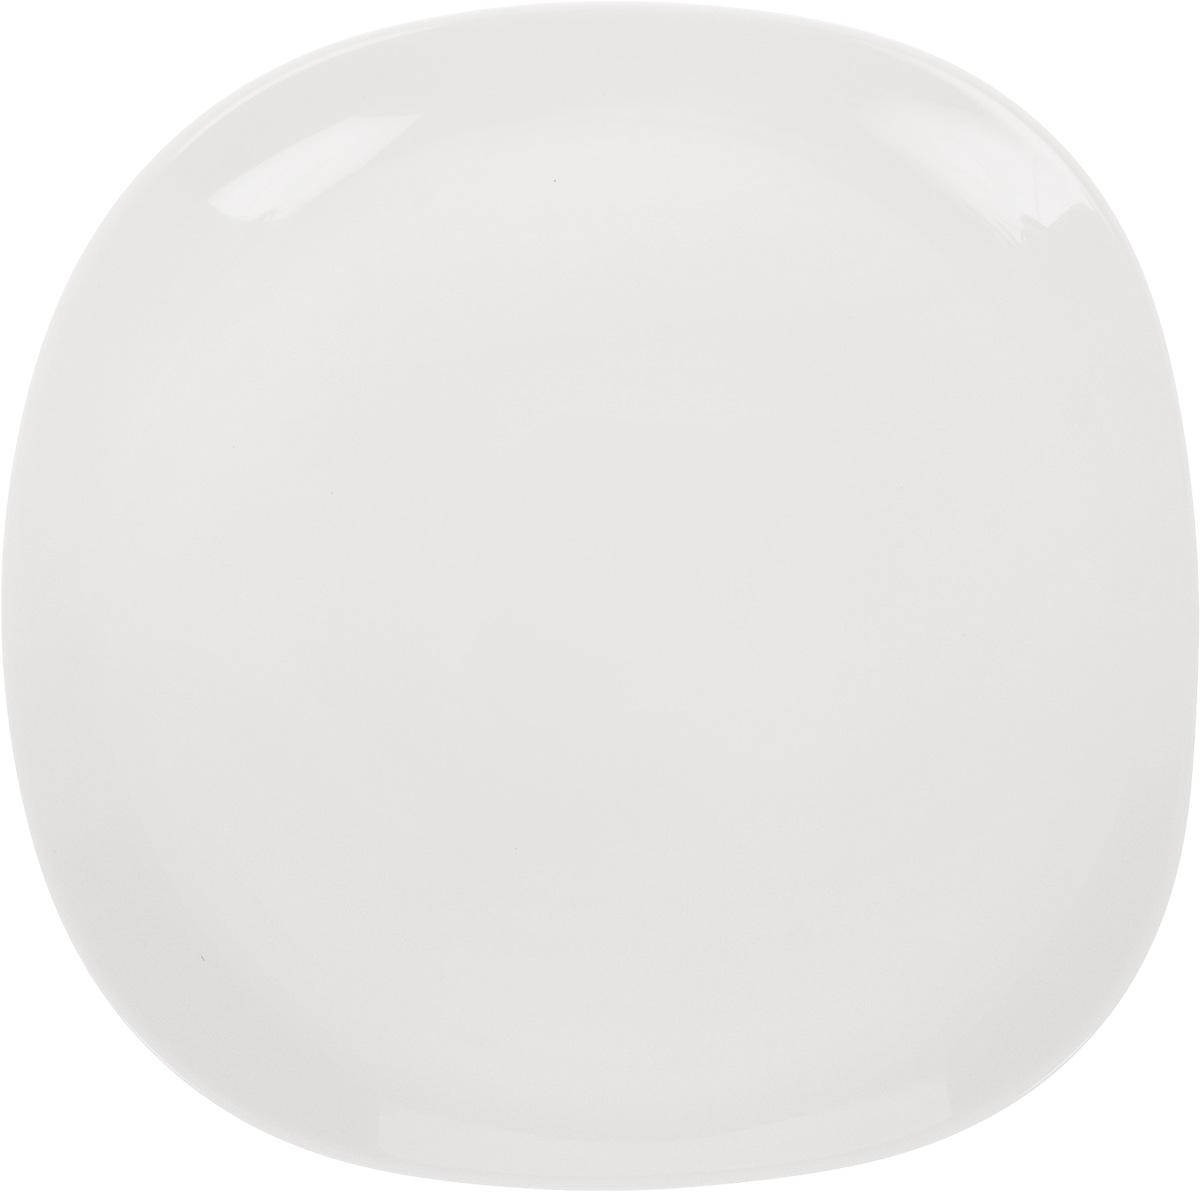 Тарелка десертная Luminarc Yalta Bone, 26 х 26 смG9835/J2421Десертная тарелка Luminarc Yalta Bone, изготовленная из ударопрочного стекла, имеет оригинальную форму. Такая тарелка прекрасно подходит как для торжественных случаев, так и для повседневного использования. Идеальна для подачи десертов, пирожных, тортов и многого другого. Она прекрасно оформит стол и станет отличным дополнением к вашей коллекции кухонной посуды. Можно мыть в посудомоечной машине. Размер тарелки: 26 см х 26 см.